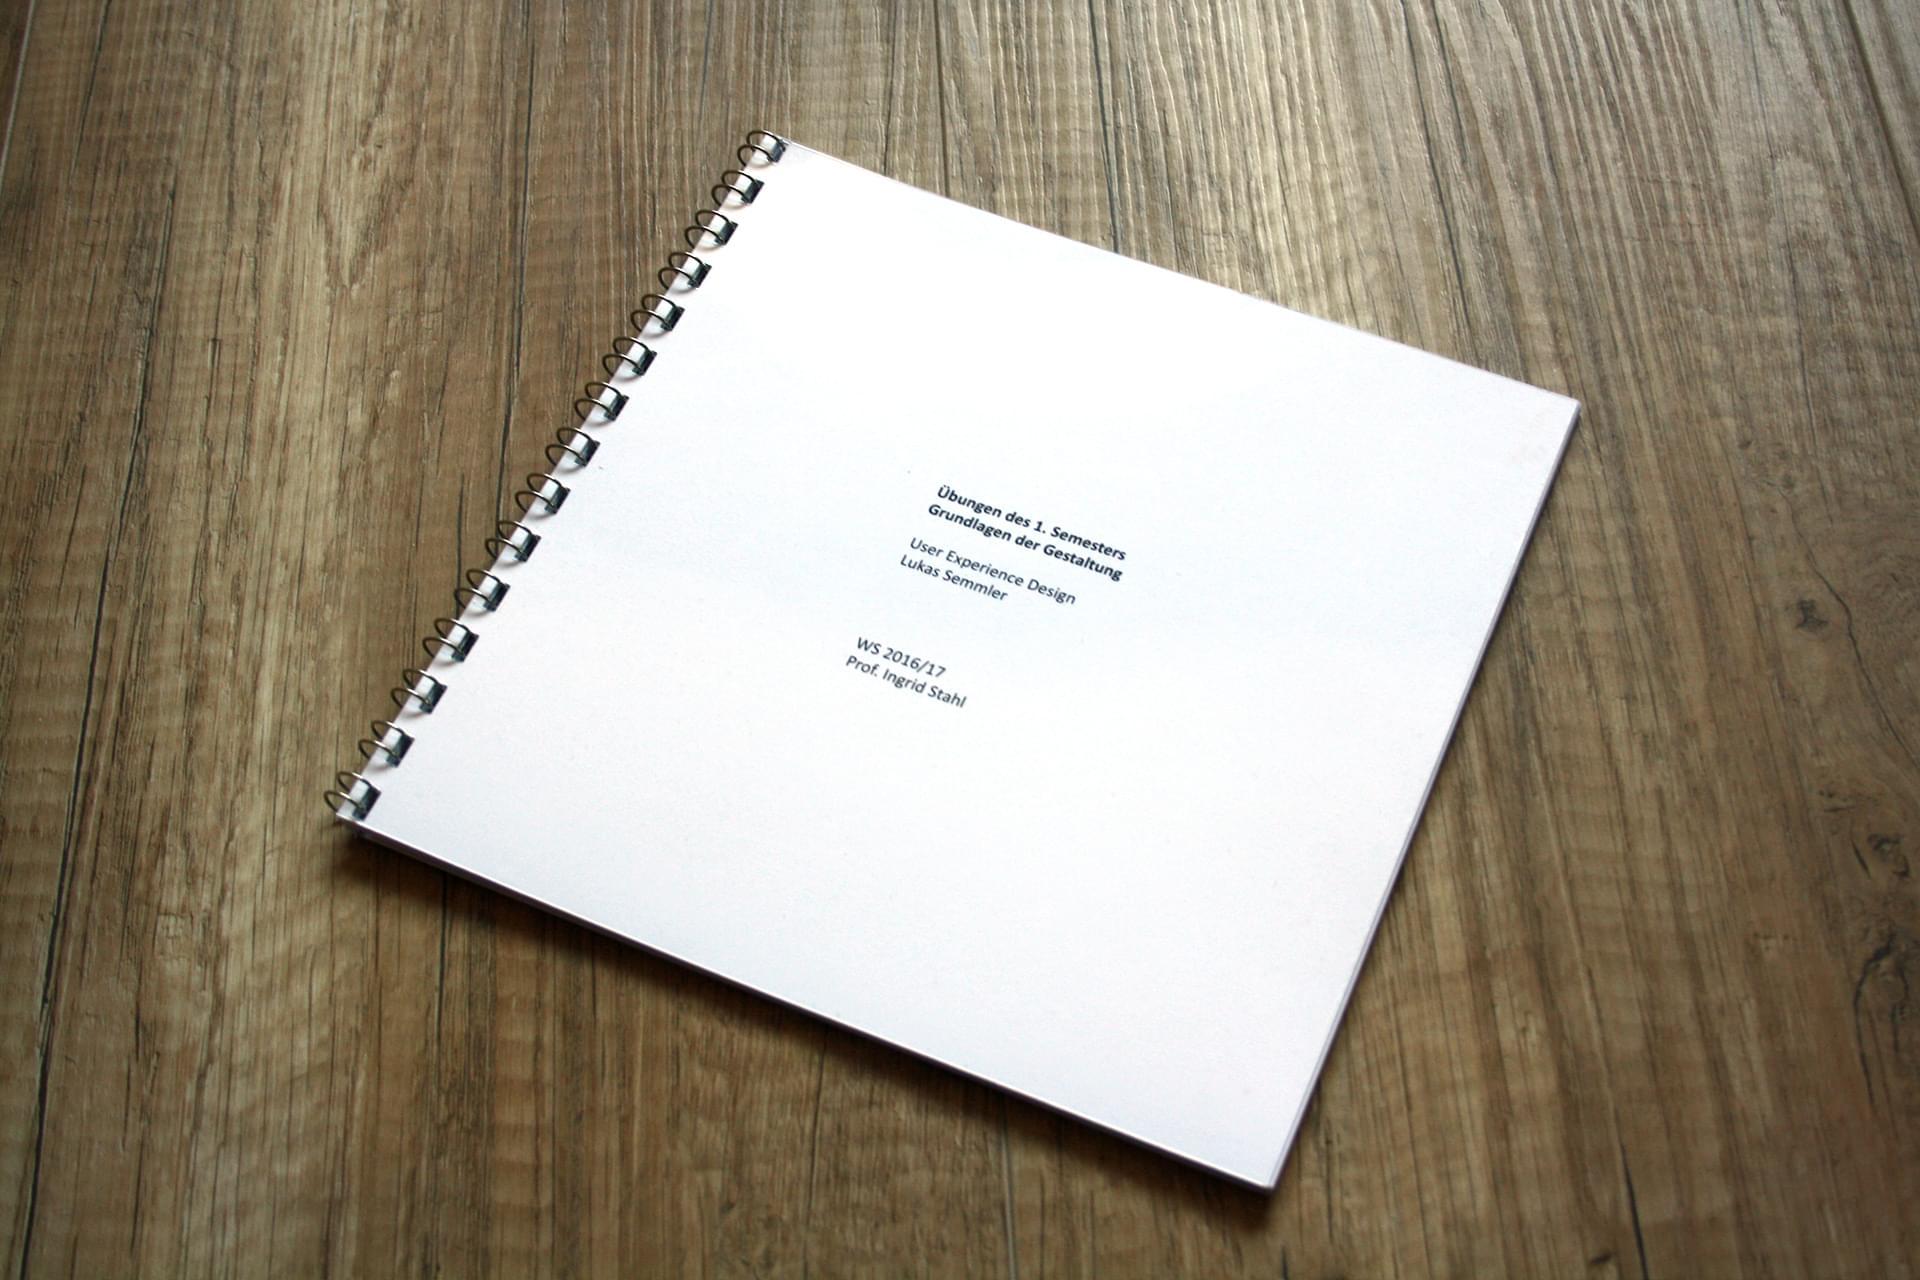 Das Booklet liegt mit dem Rücken auf einem holzähnlichem PVC-Boden.